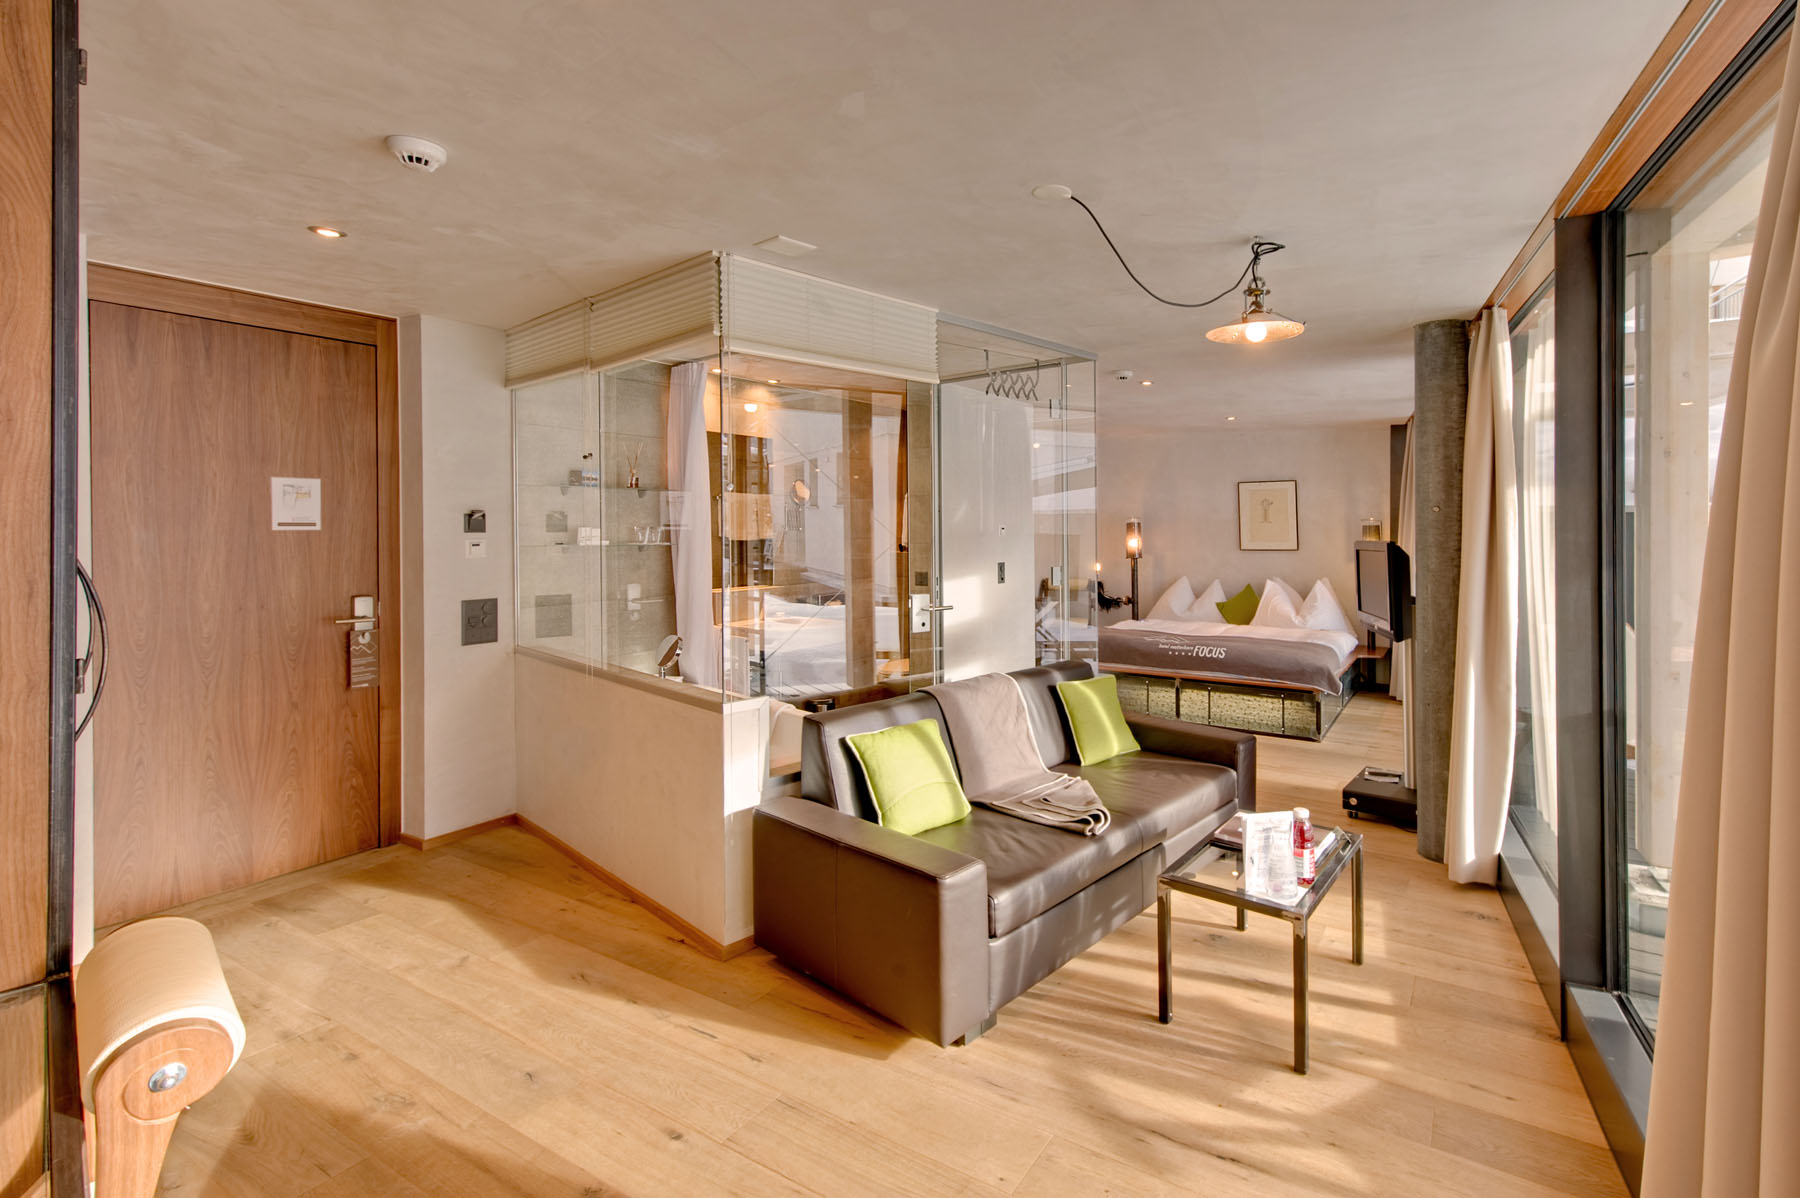 Dz deluxe haus a oder b matterhorn focus das 4 for Design hotel zermatt